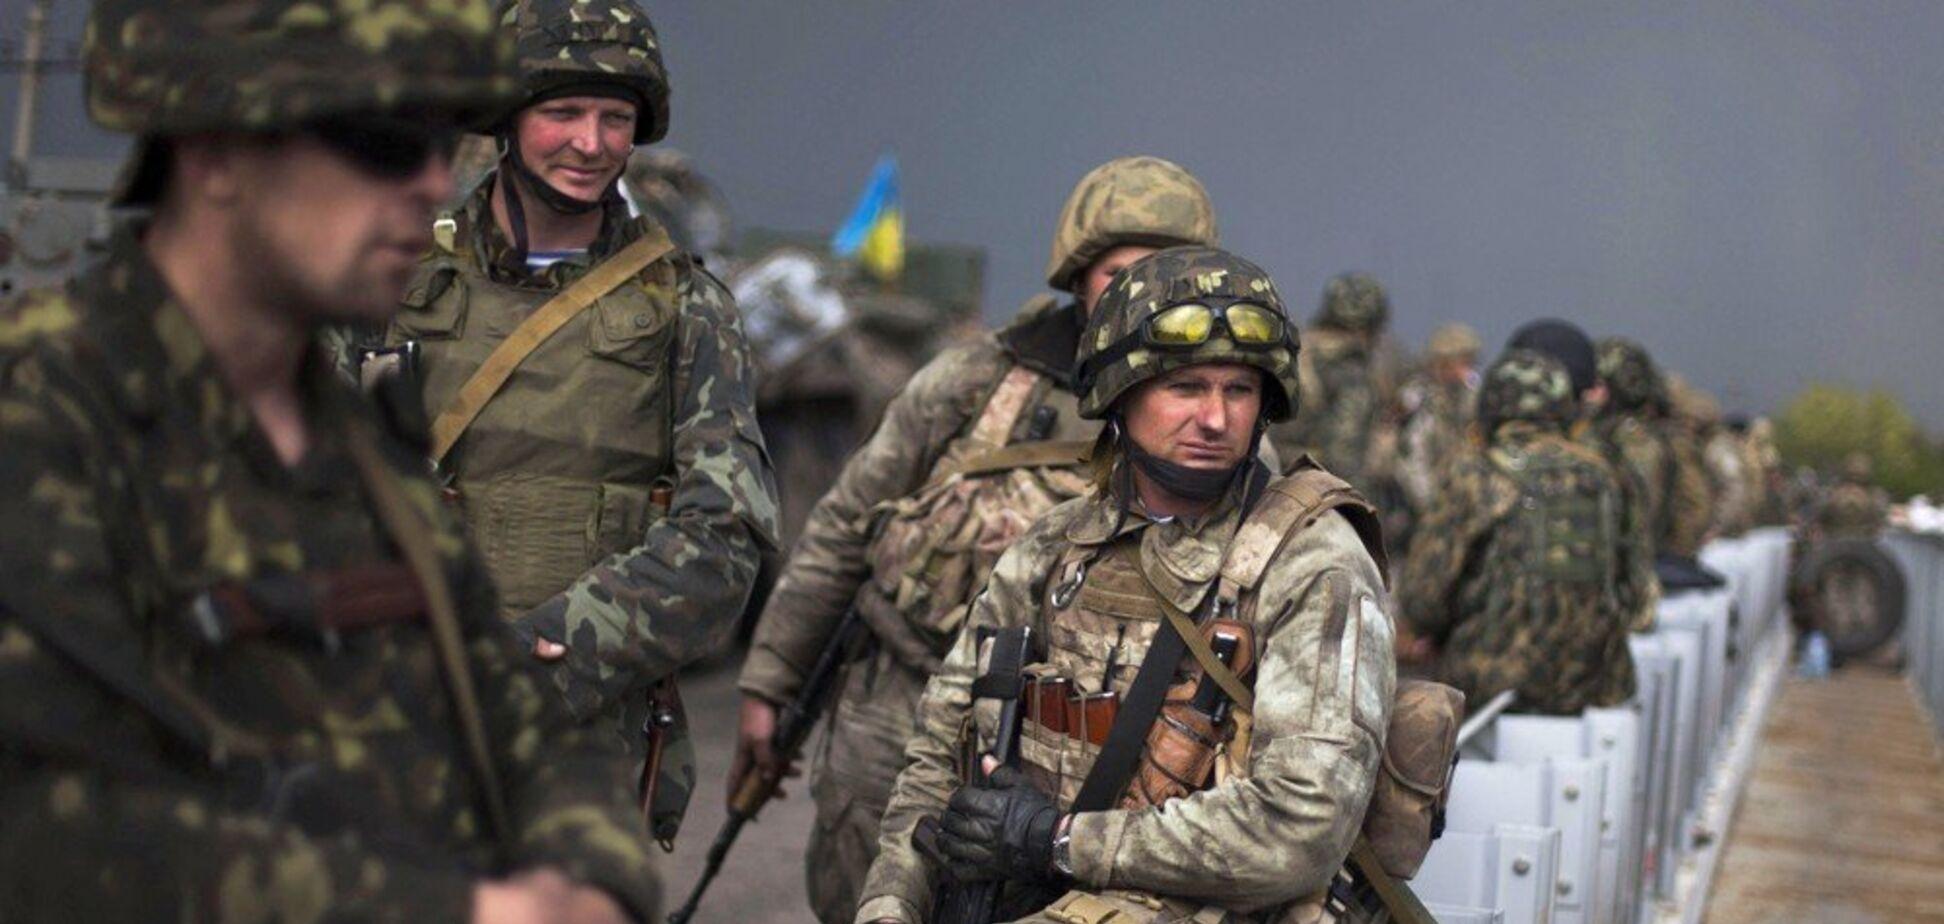 'Впервые может получиться': генерал заявил о прорыве по Донбассу